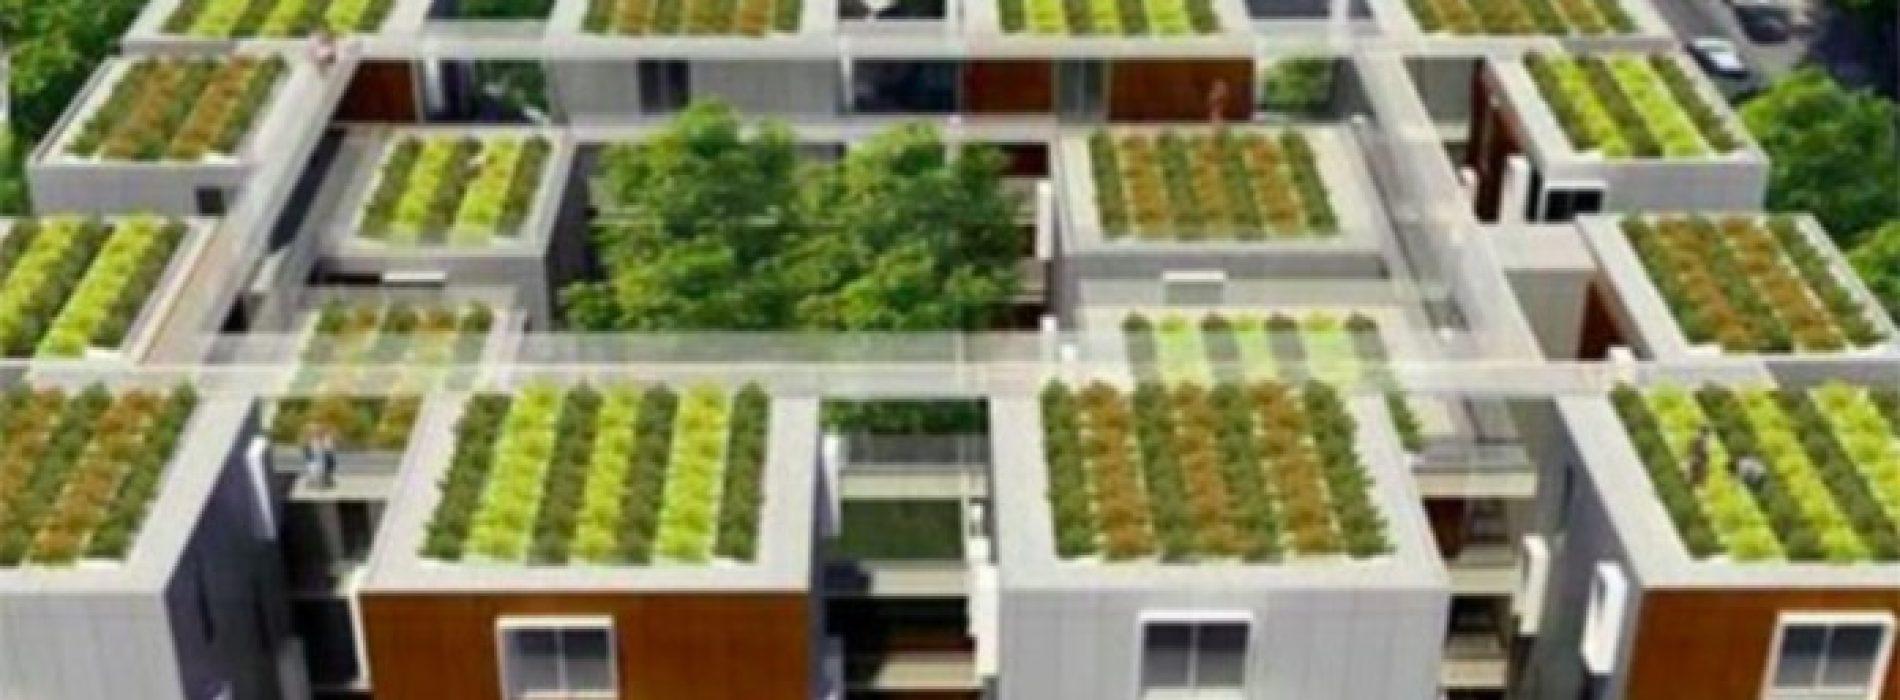 Frankrijk verklaart dat alle nieuwe daken moeten worden bedekt met planten of zonnepanelen …